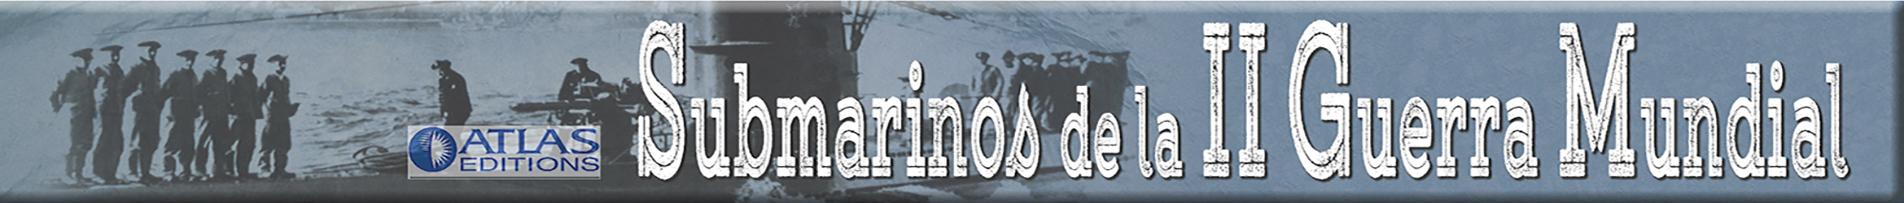 SUBMARINOS-ATLAS-350-DIECAST-METAL-C.jpg